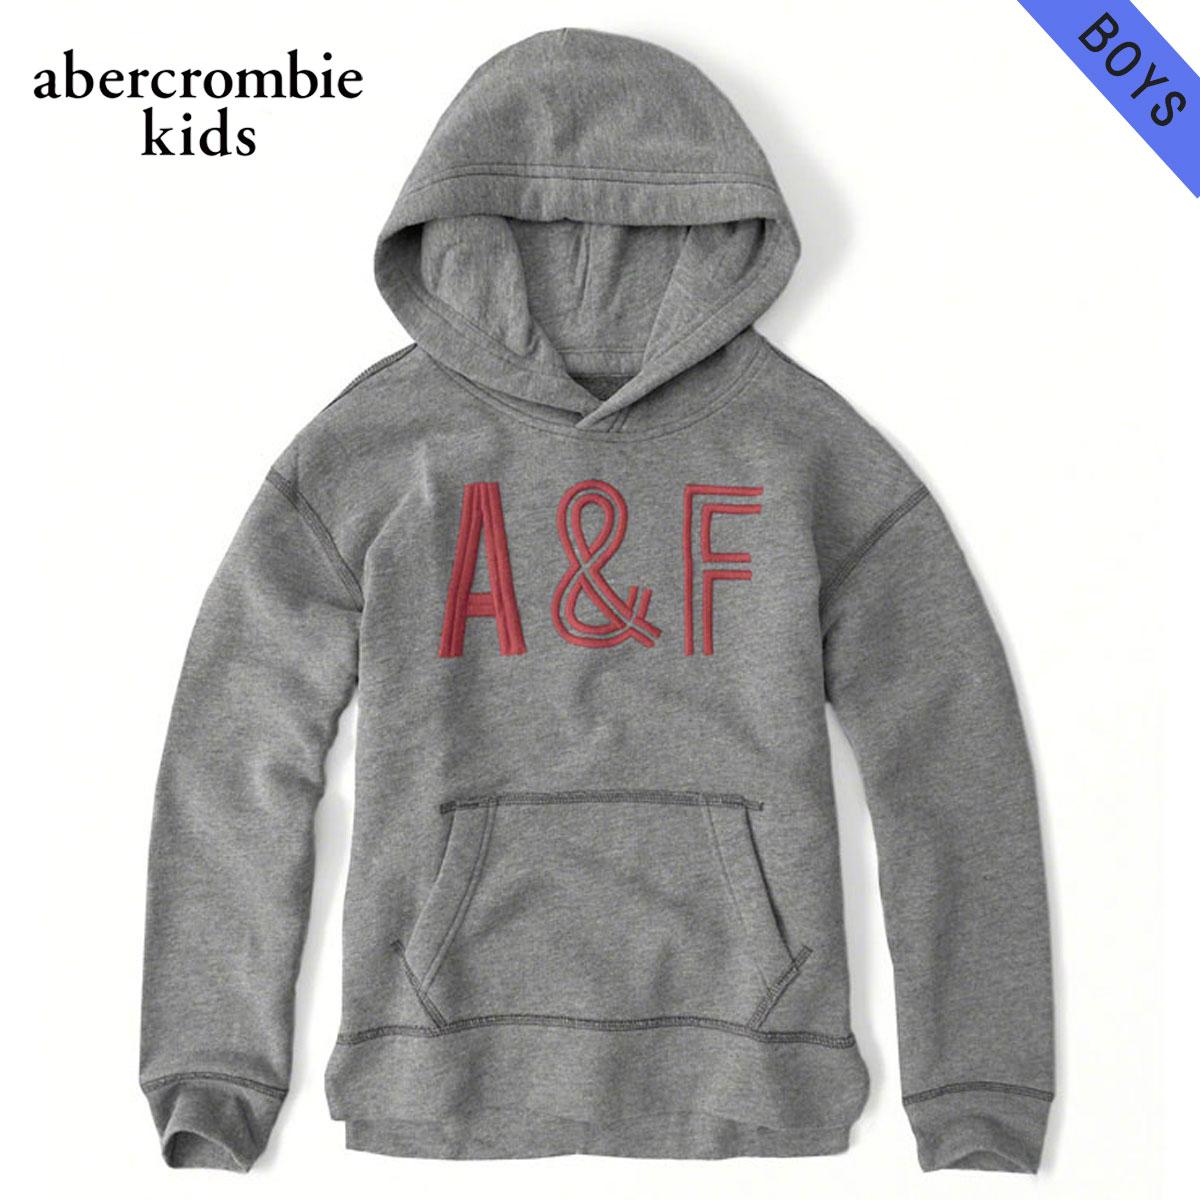 アバクロキッズ パーカー ボーイズ 子供服 正規品 AbercrombieKids logo pullover hoodie 222-628-0015-013